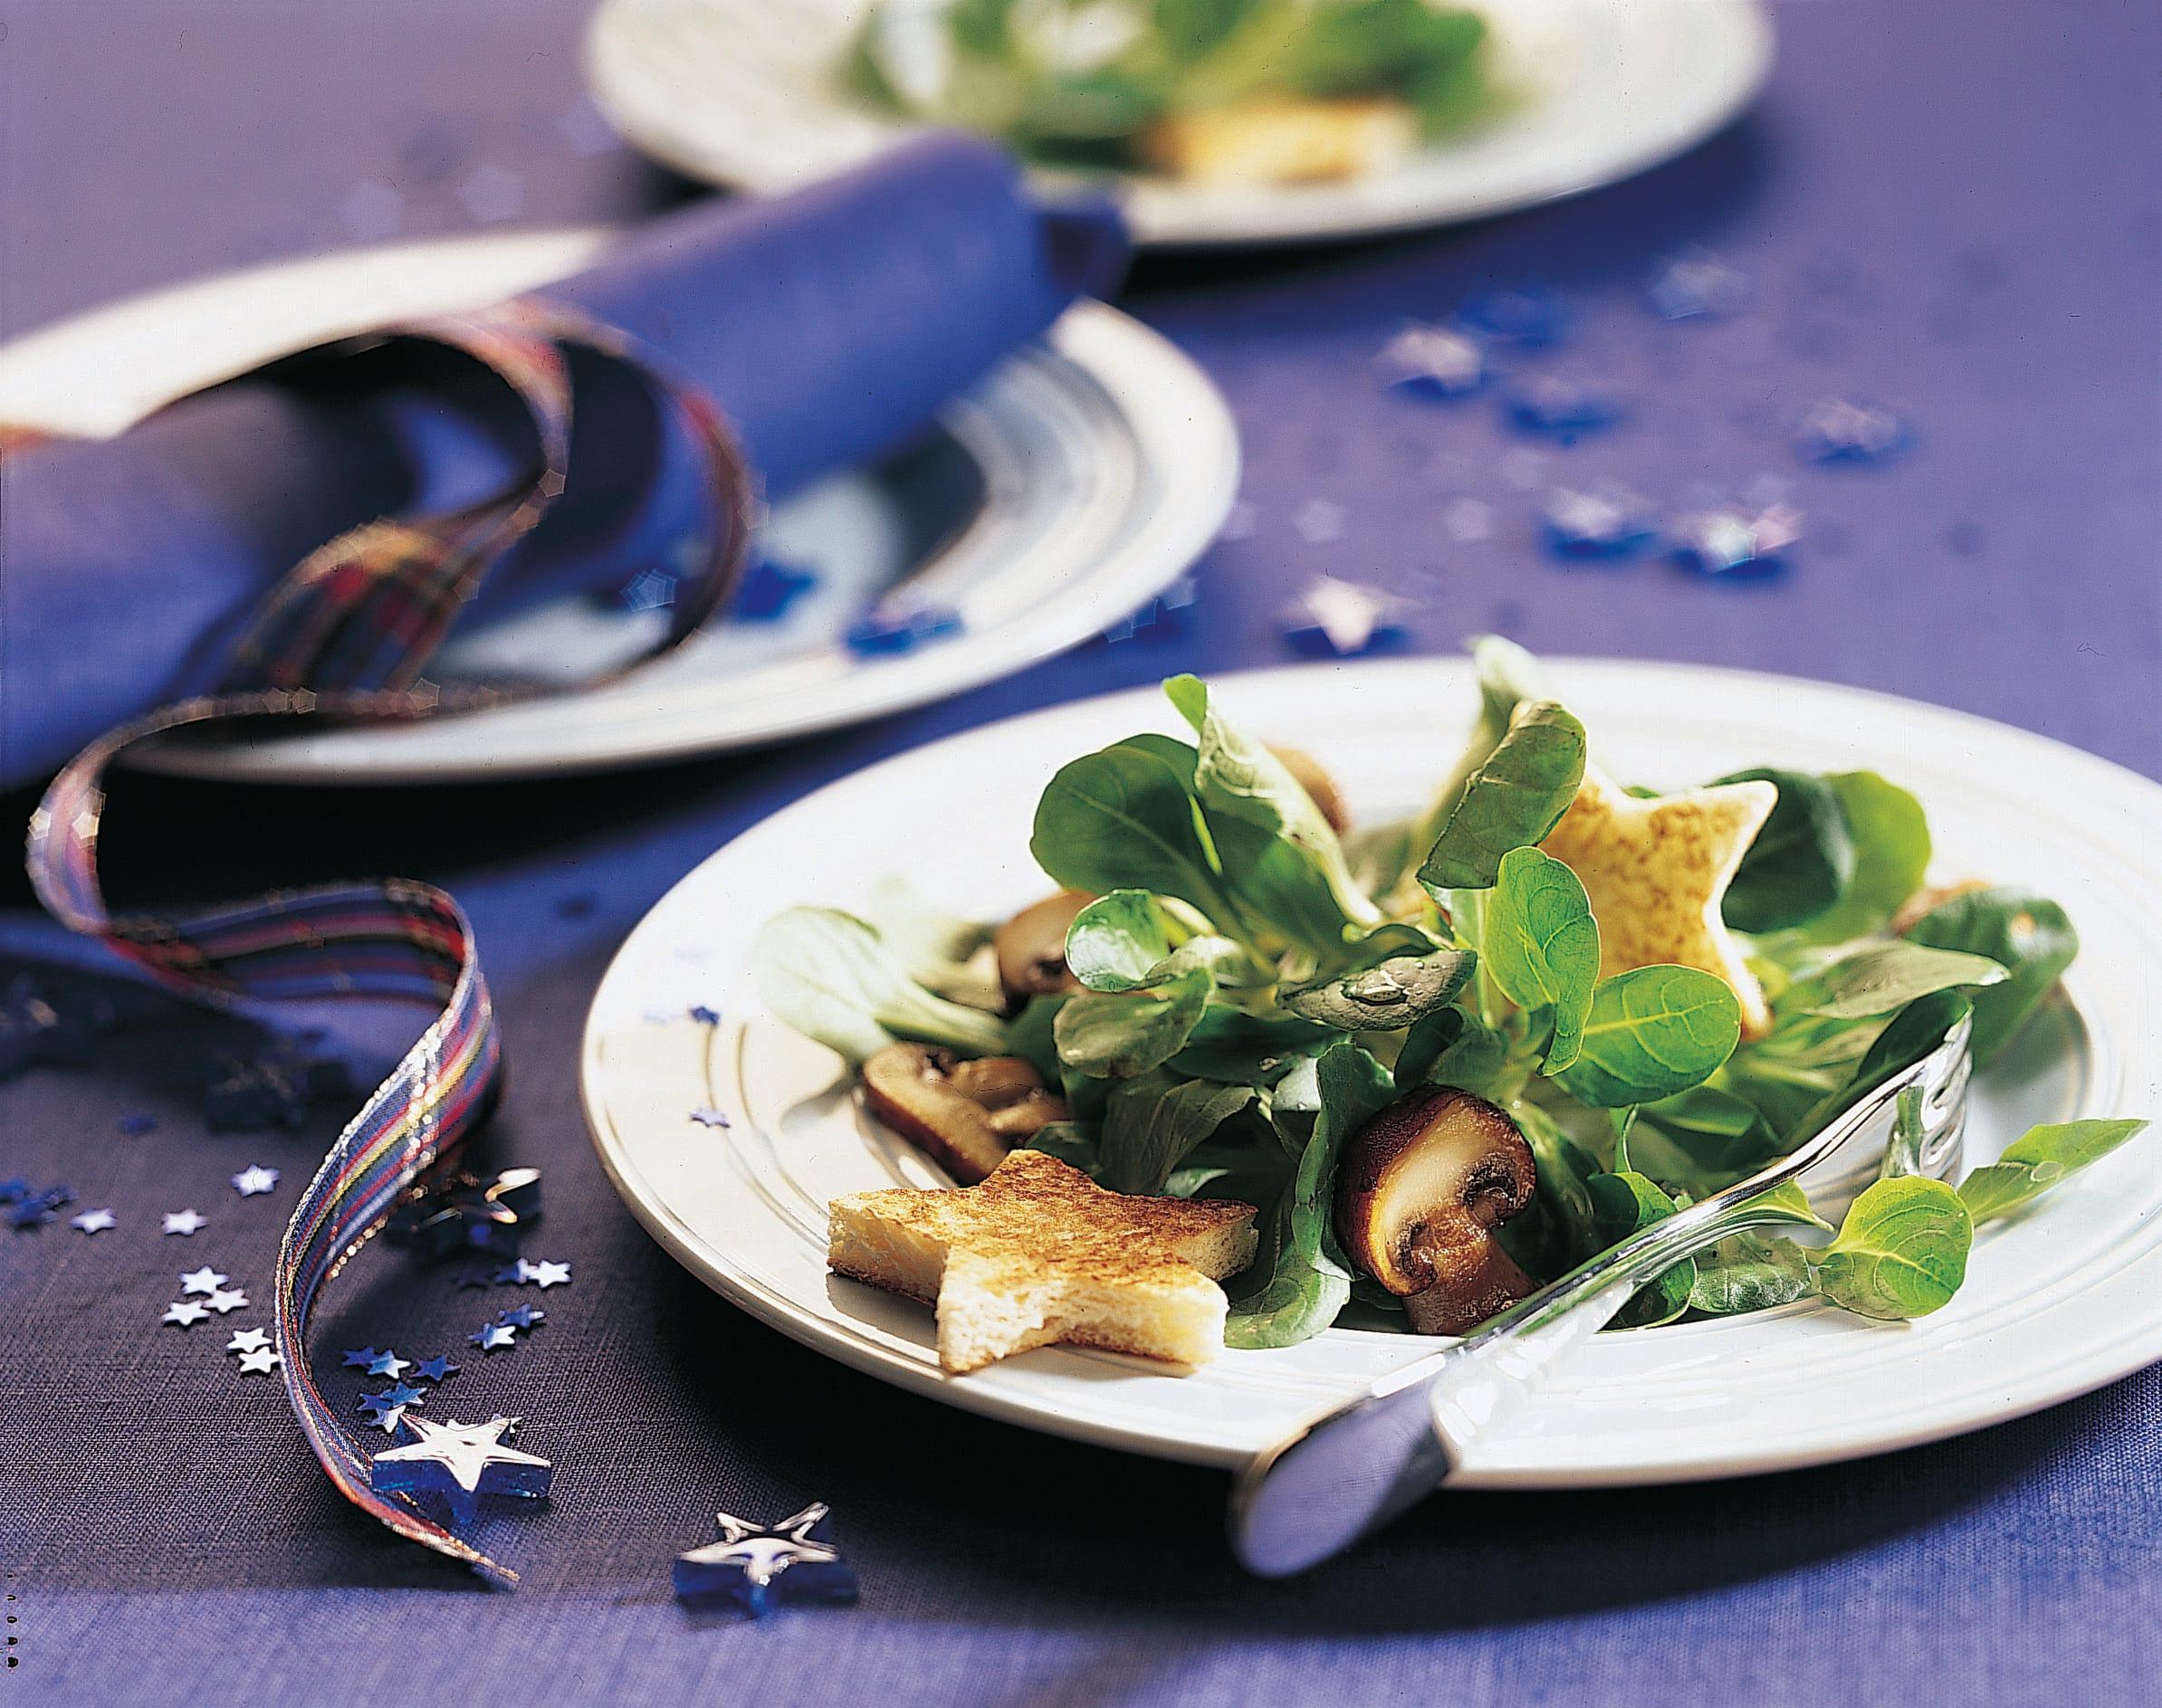 Nüsslisalat mit getrüffelten Champignons und Brotsternen